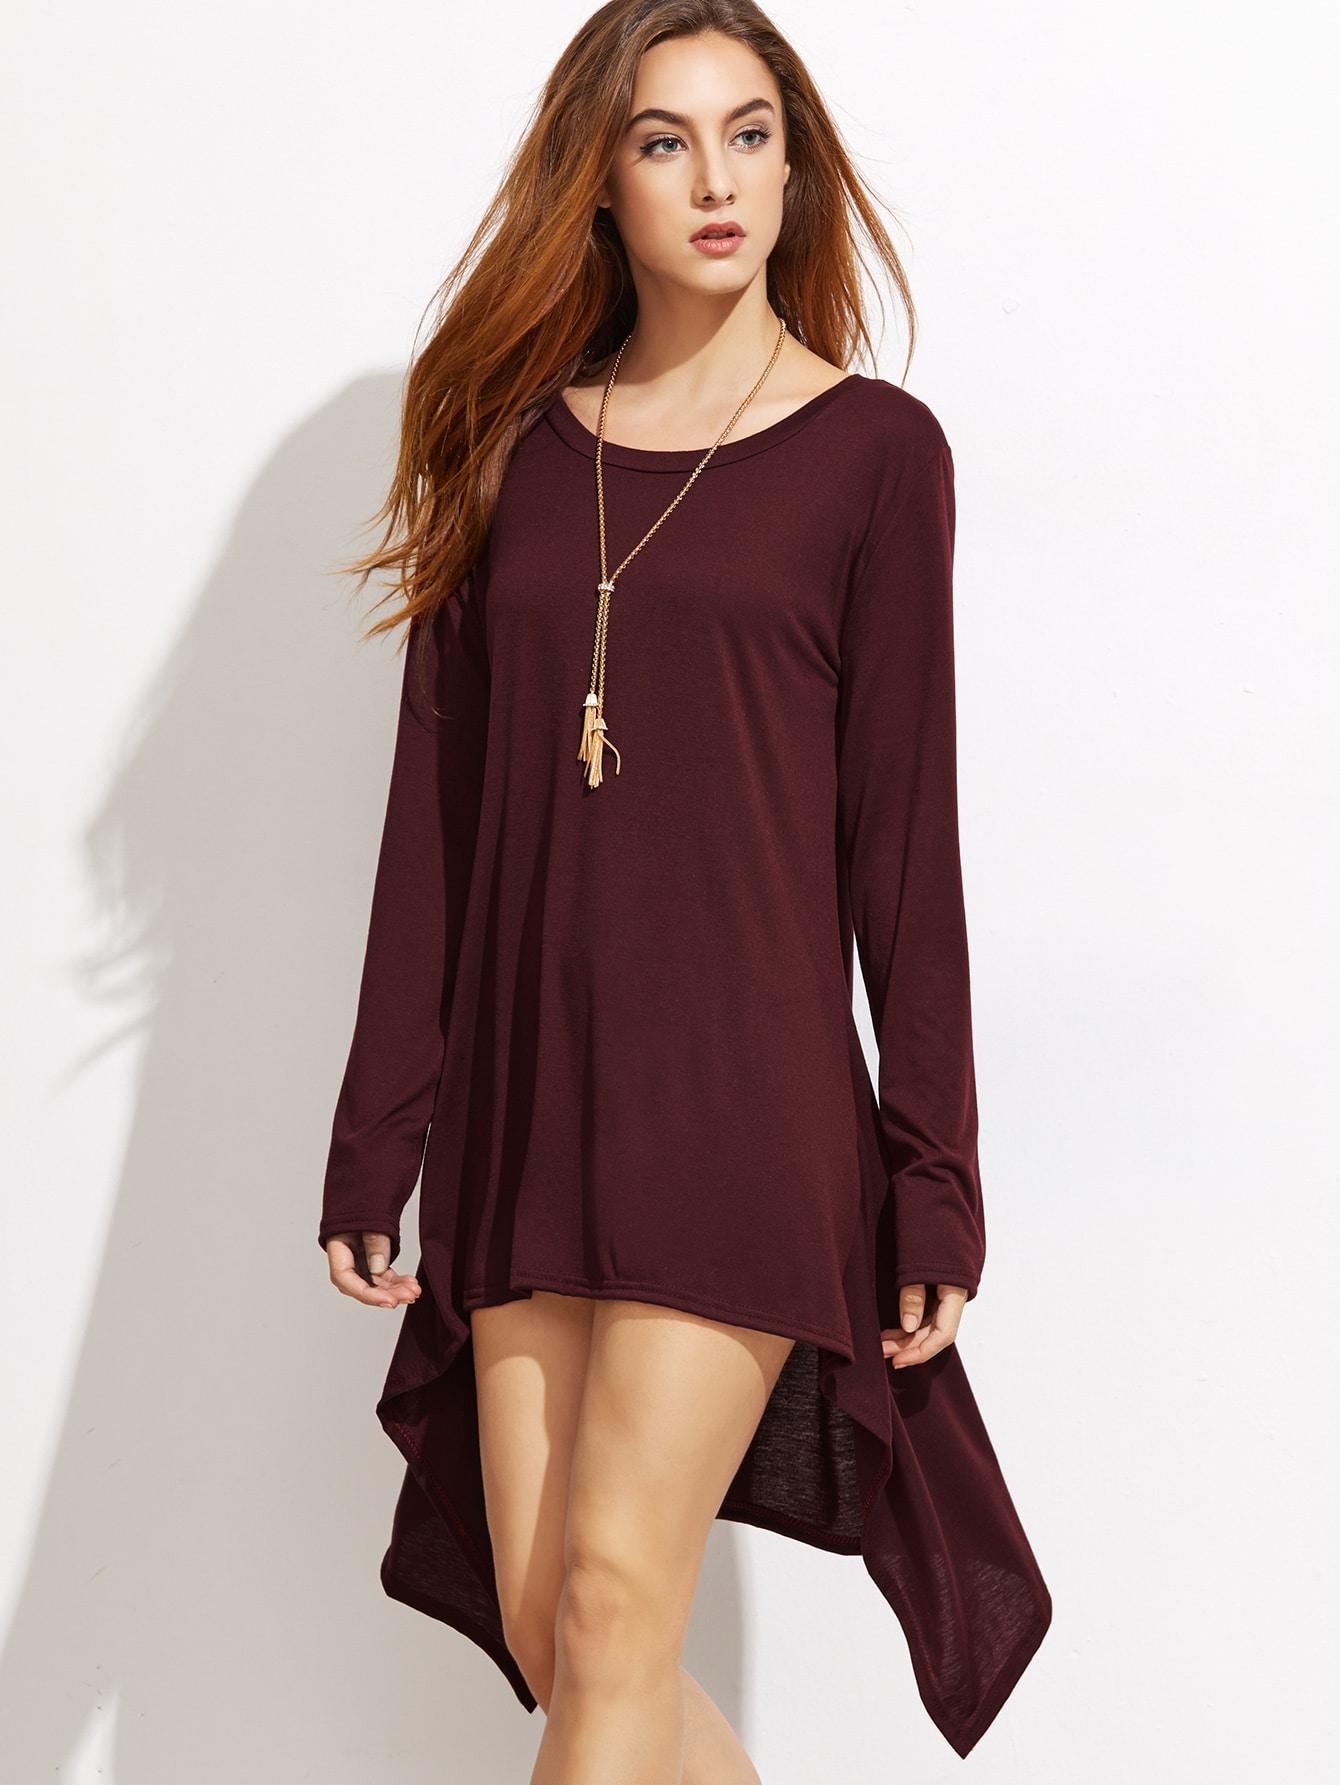 dress161013103_2